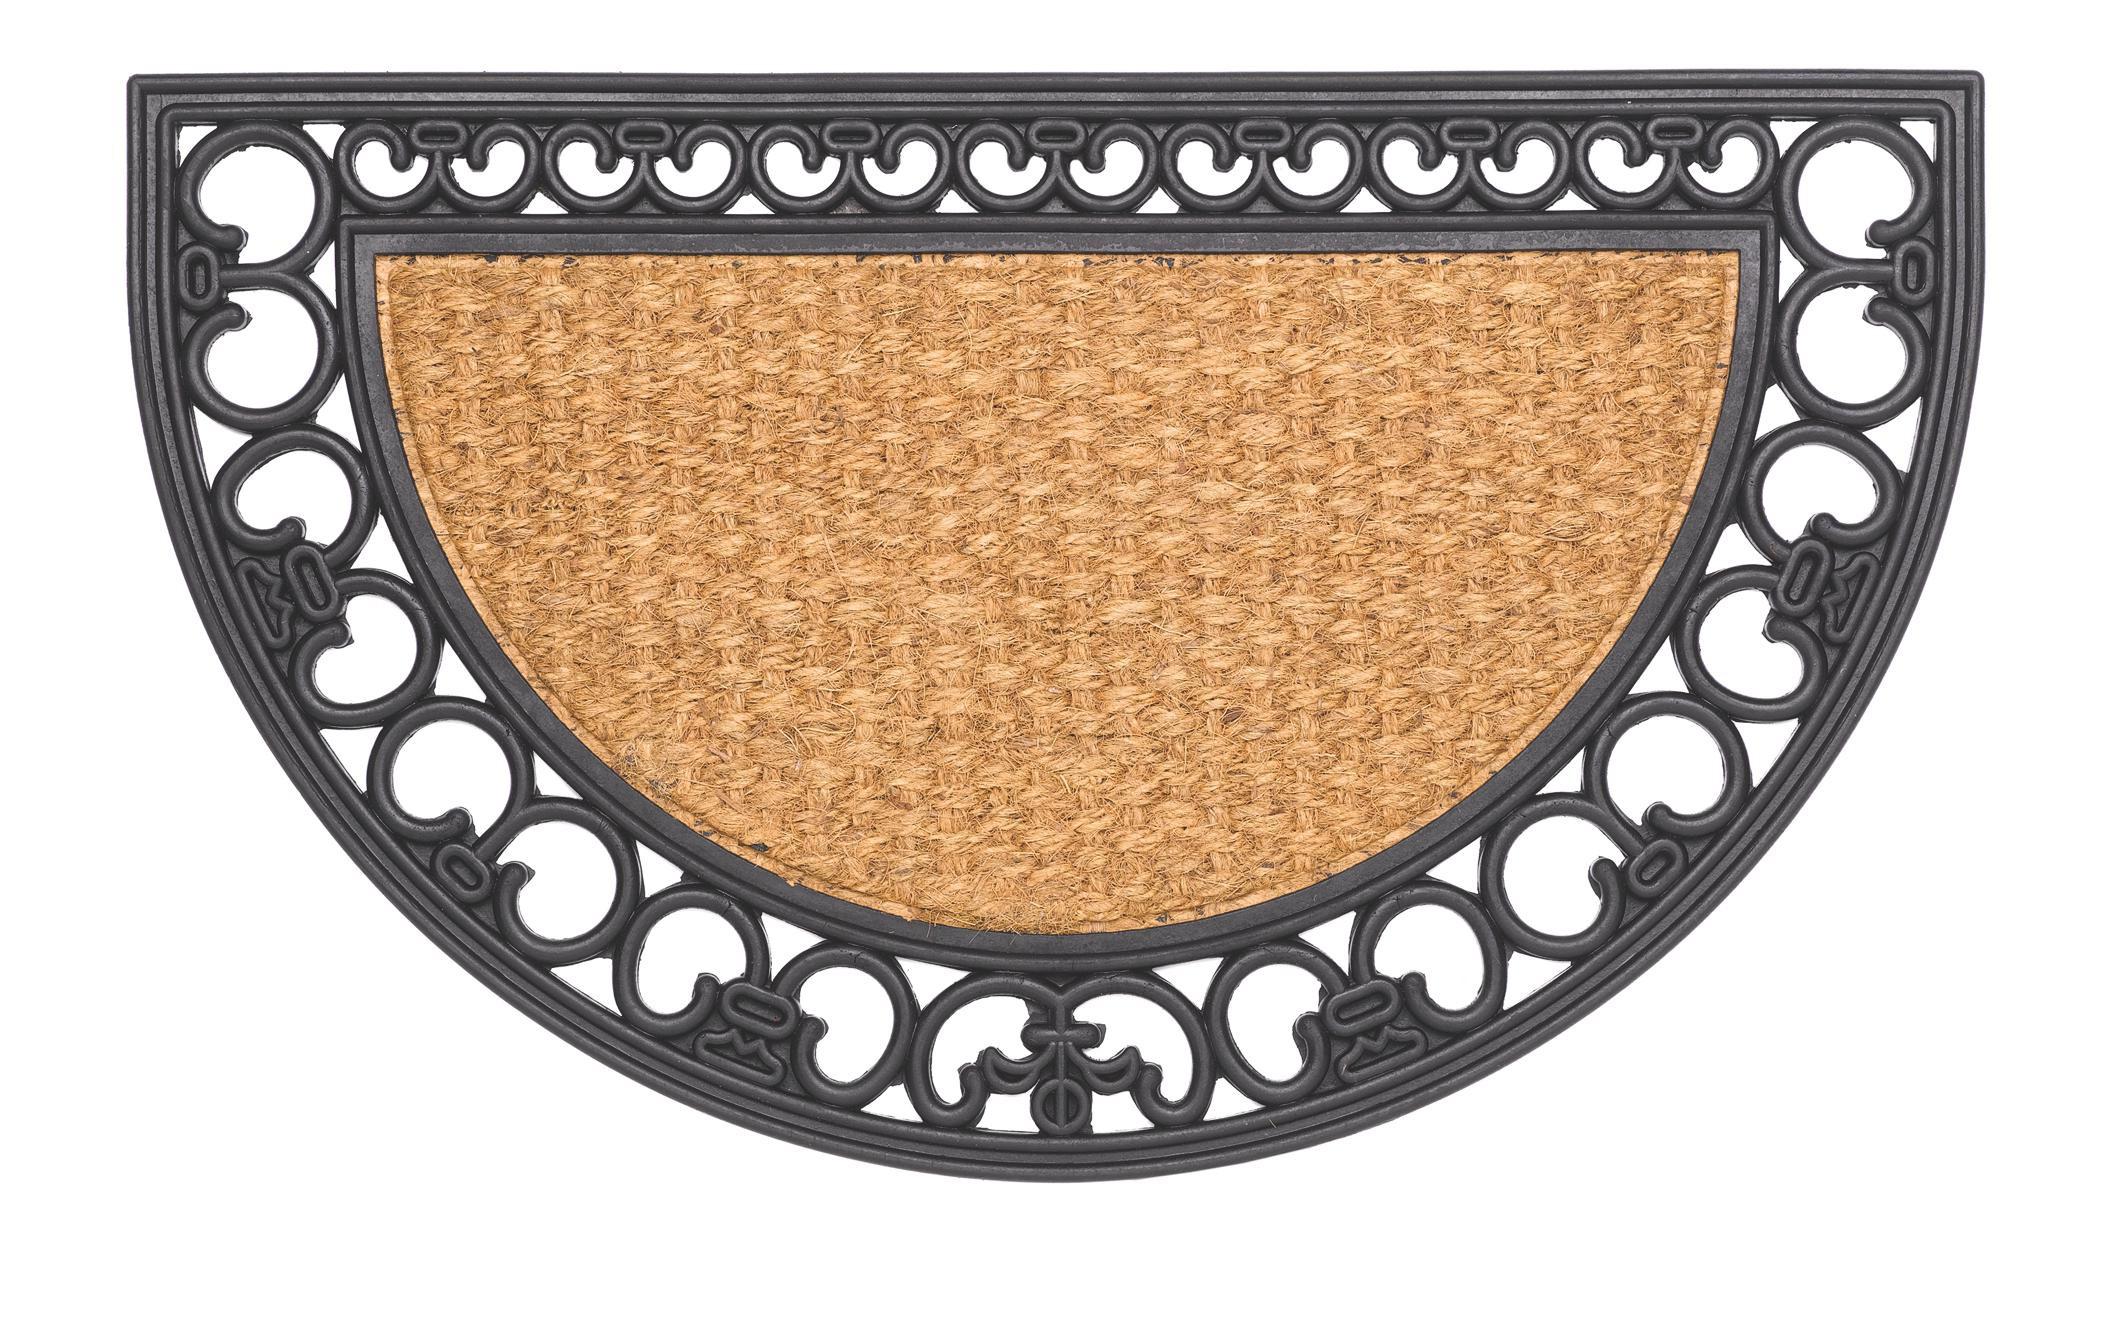 Hamat Fußmatte / Kokos Fußmatte Gazelle 45x75cm halbrund Bild 1